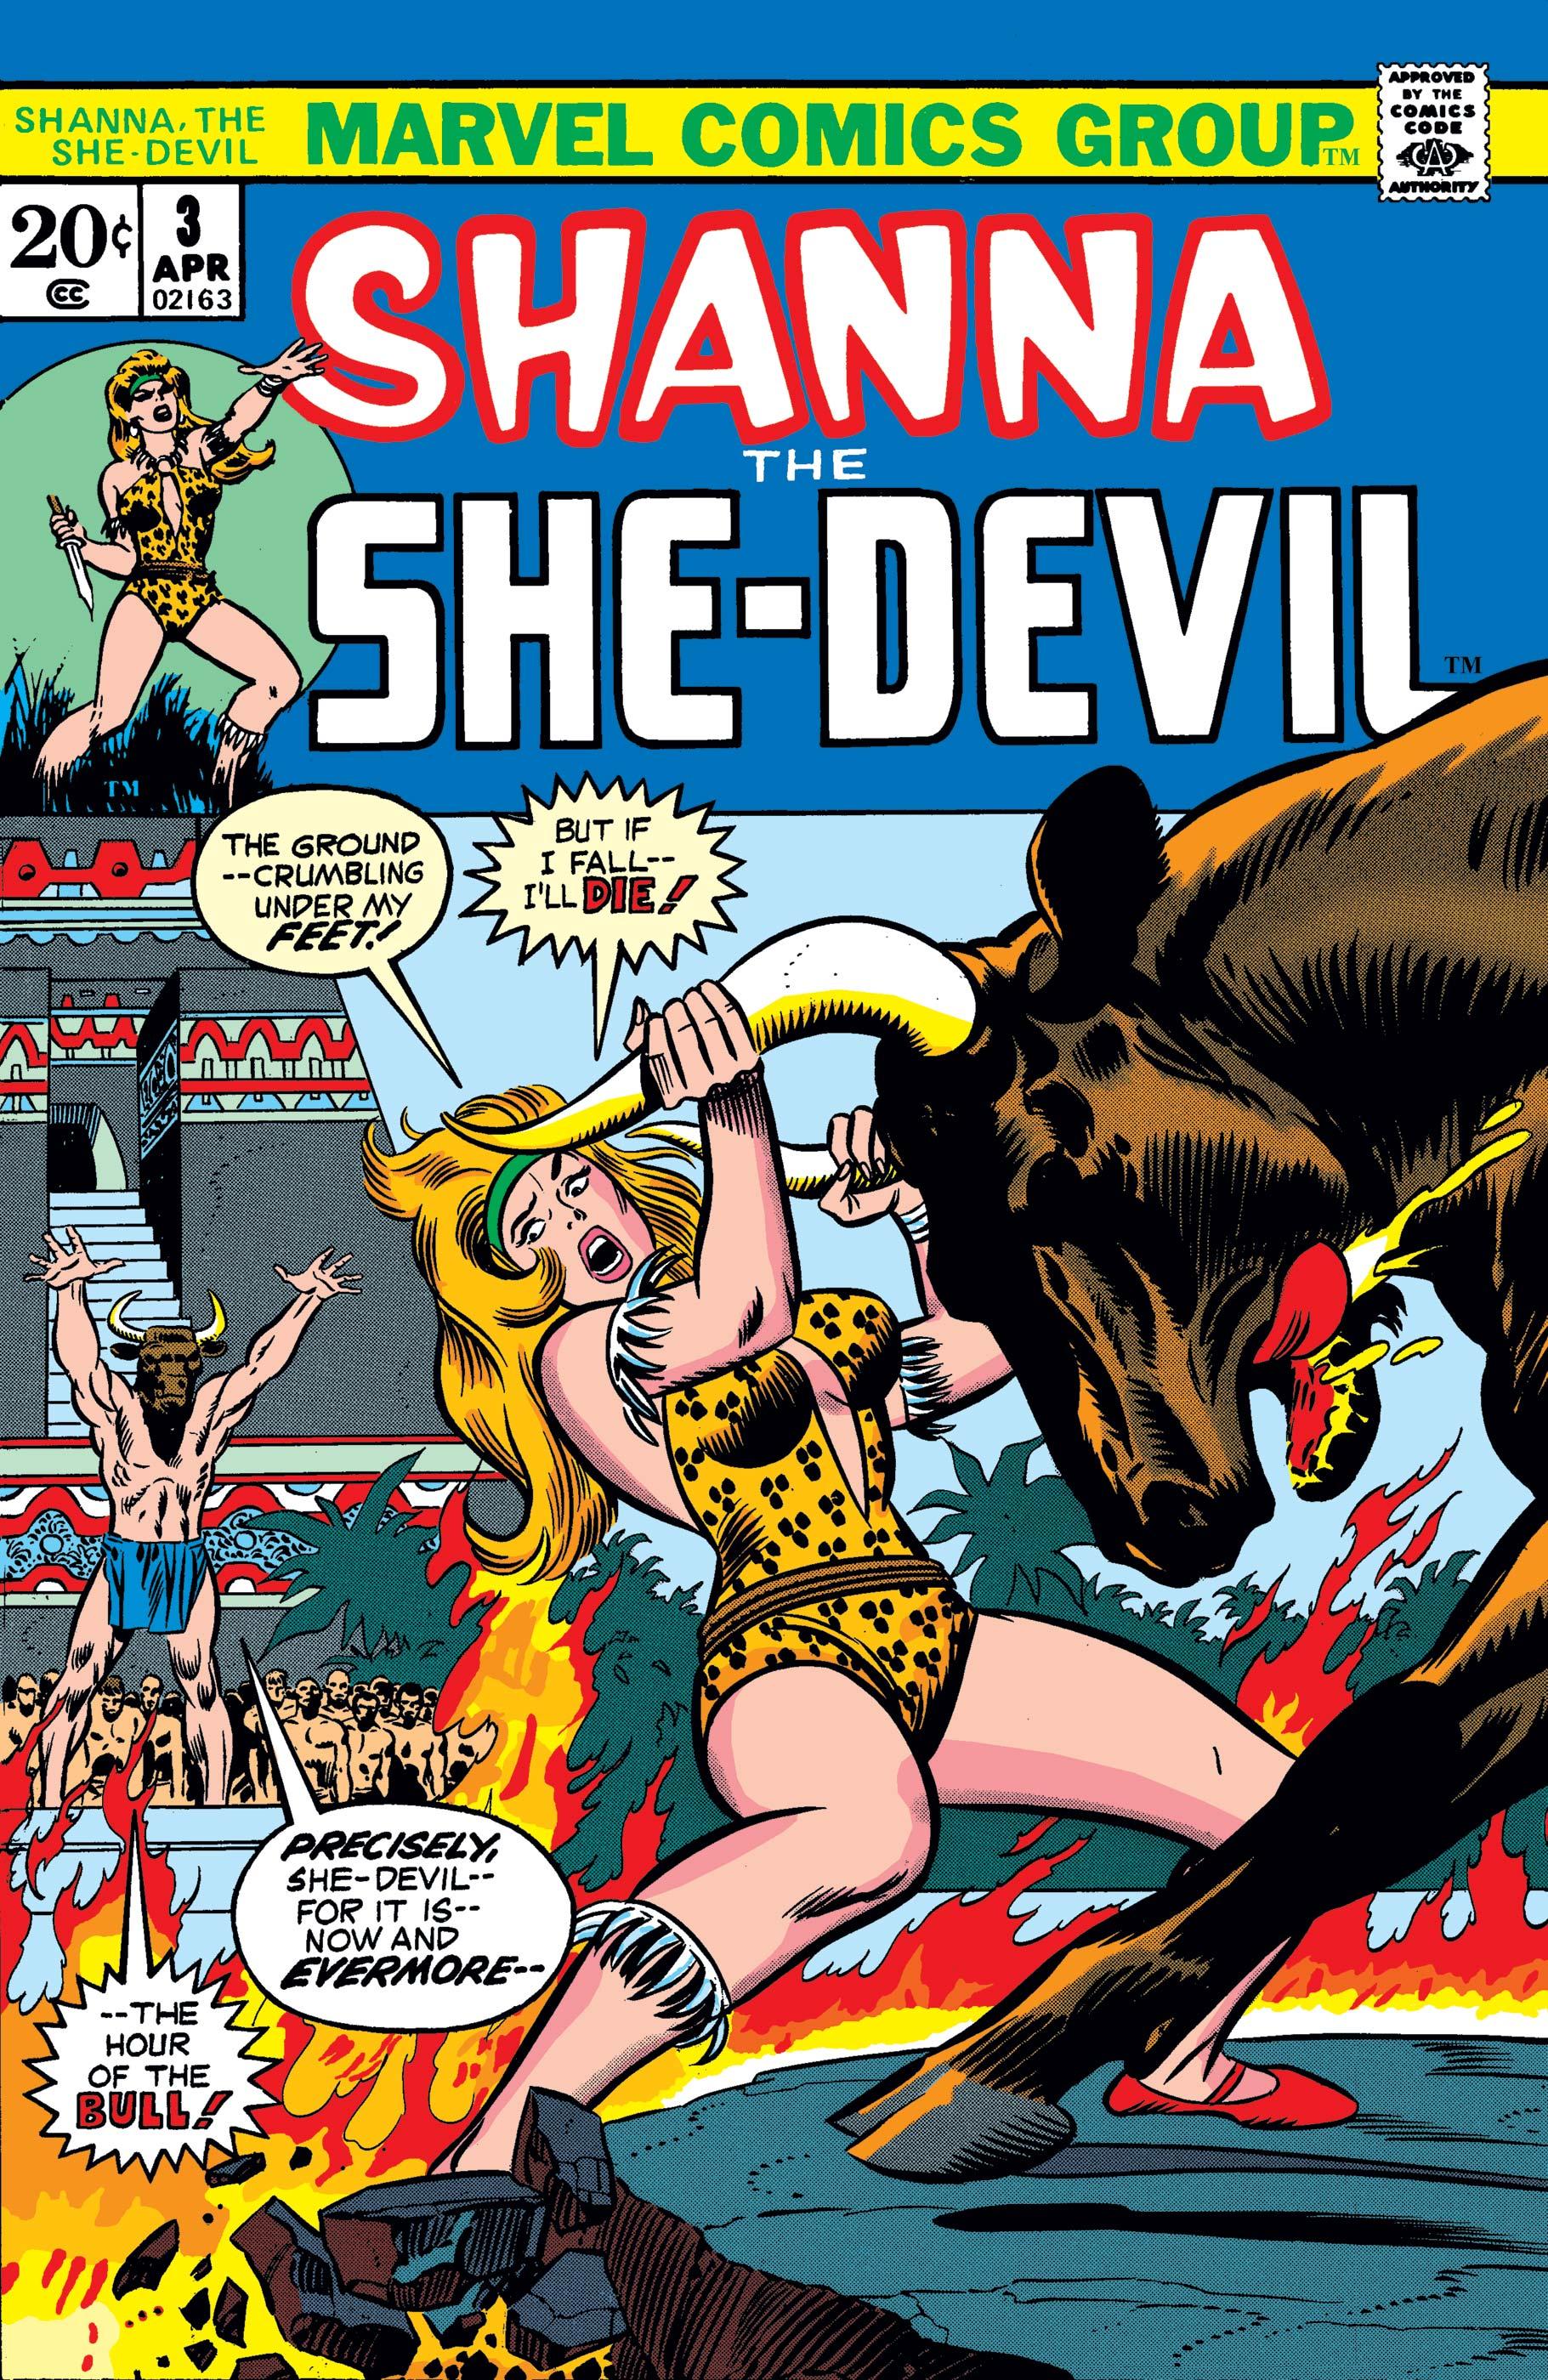 Shanna the She-Devil (1972) #3